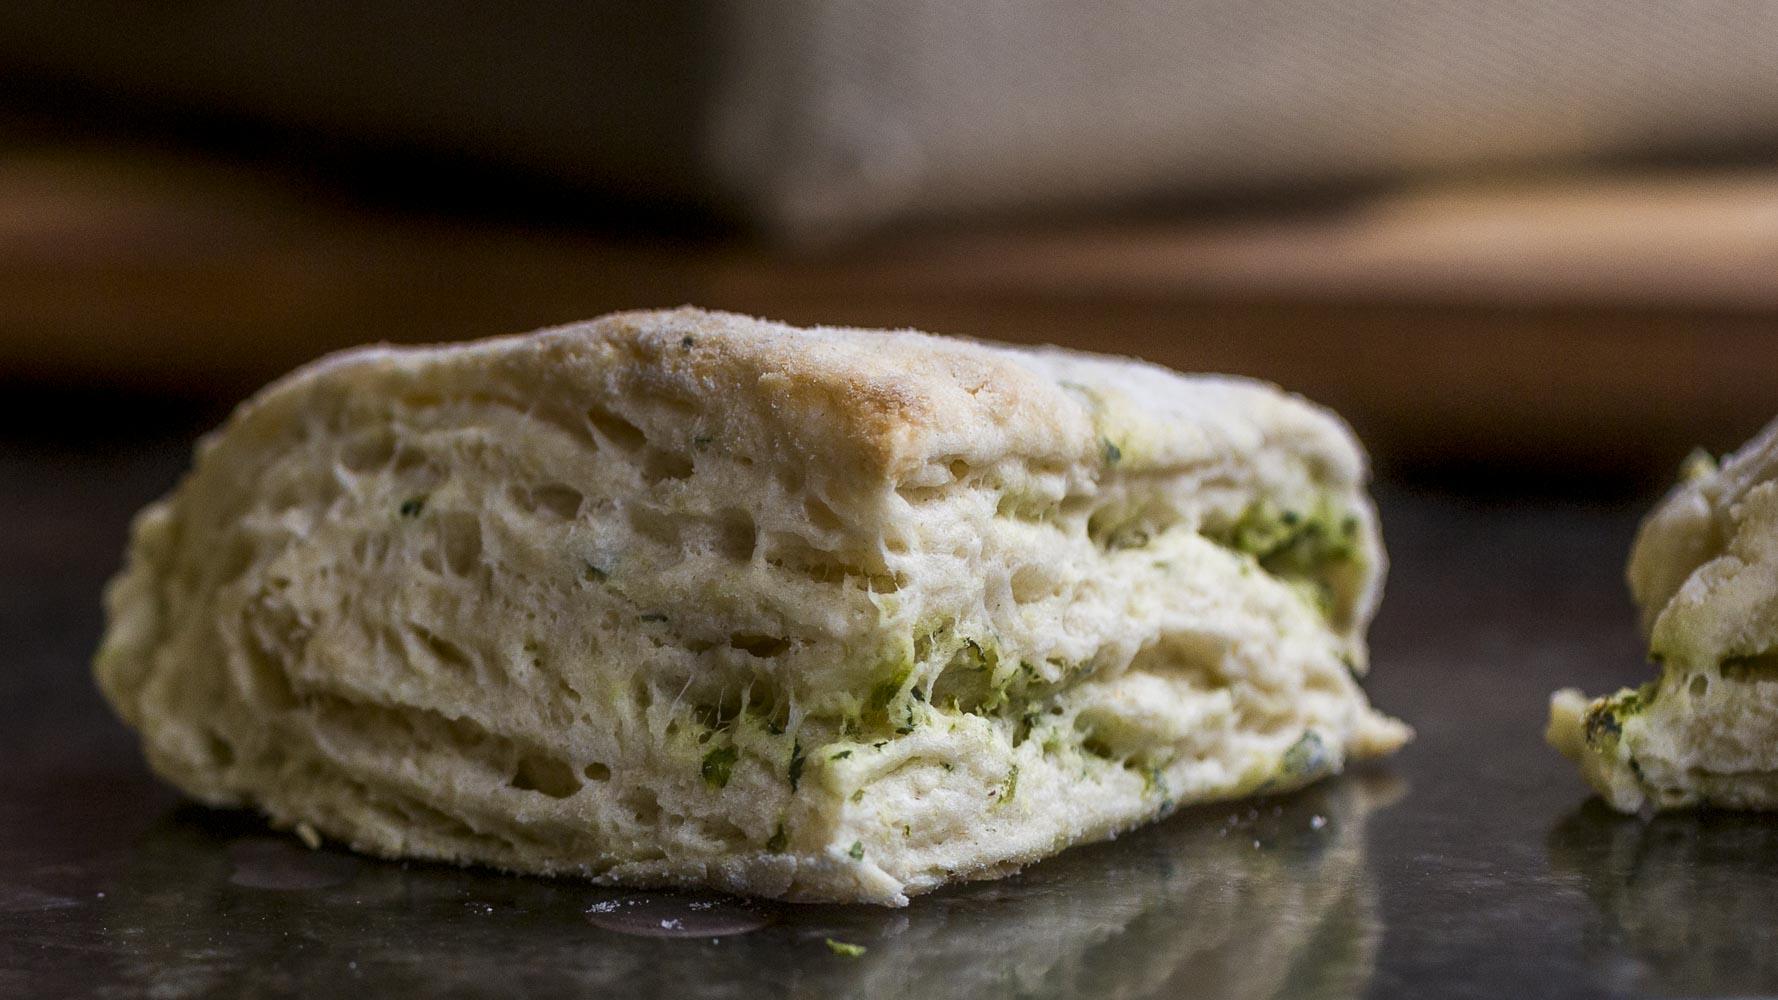 close up of a savory pickle brine biscuit aka tender vegan scones